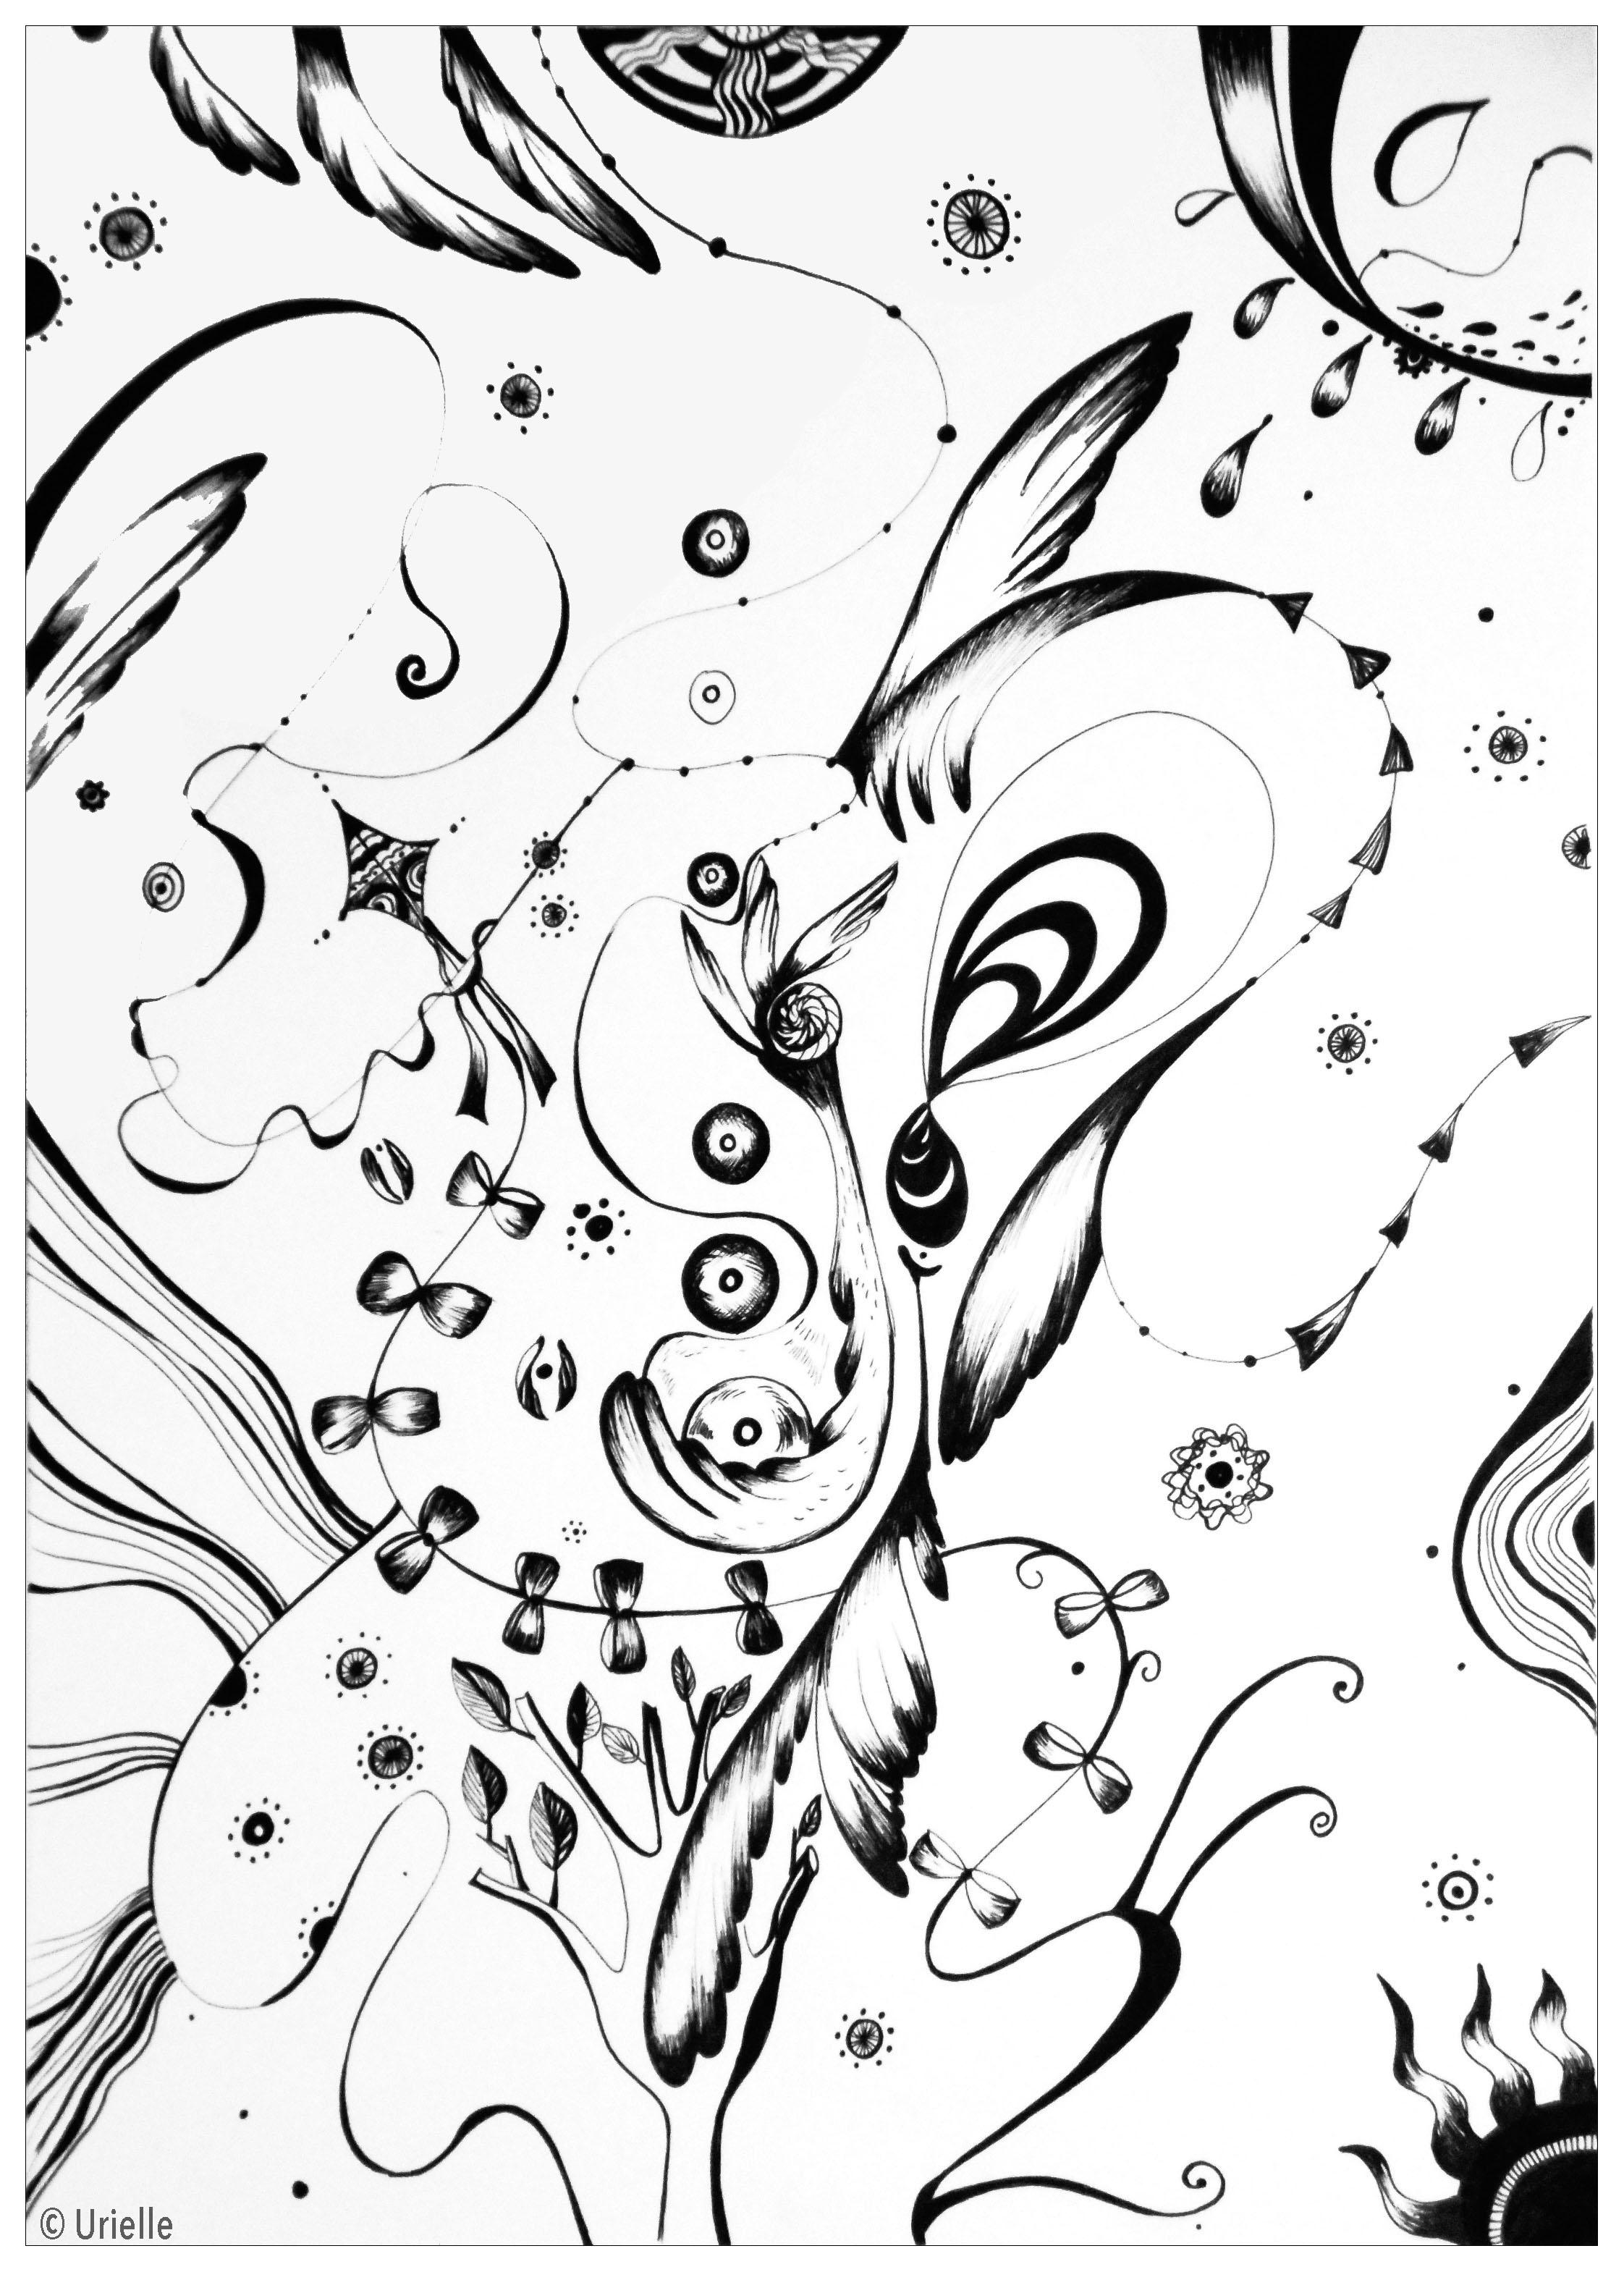 Anges | A partir de la galerie : Anti Stress | Artiste : Urielle